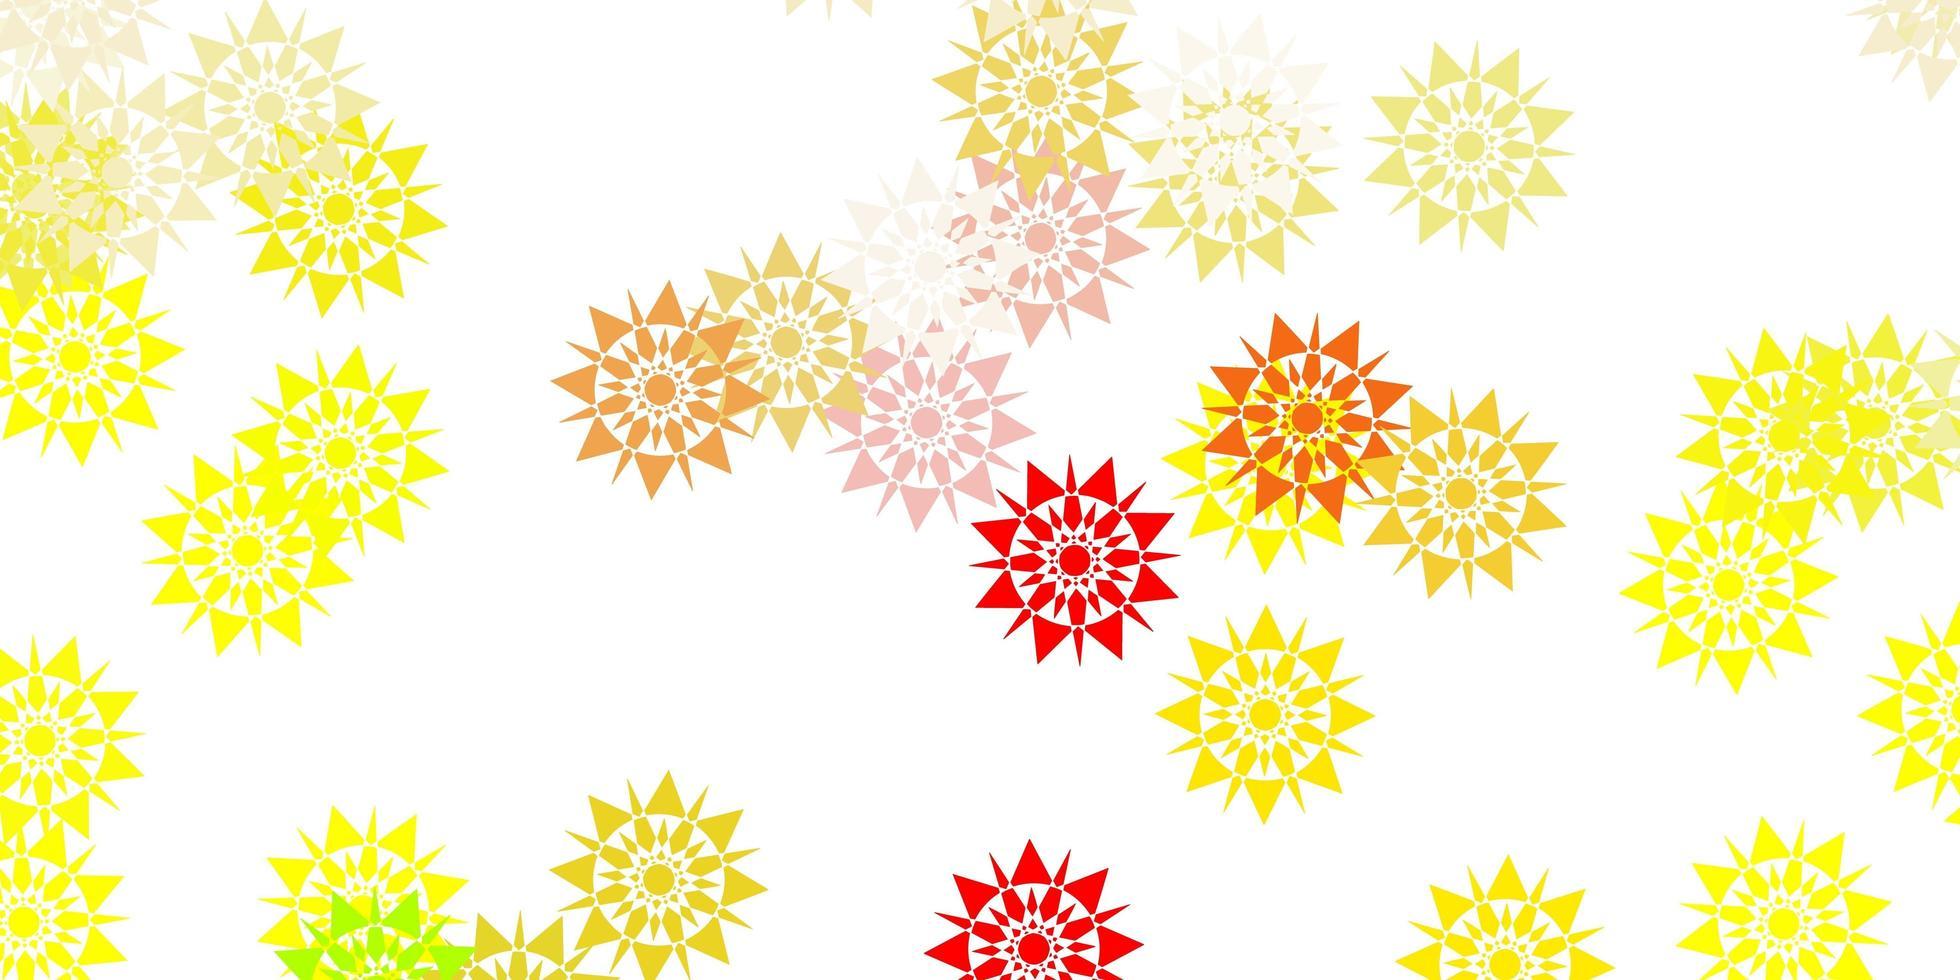 hellroter, gelber Vektorhintergrund mit Weihnachtsschneeflocken. vektor